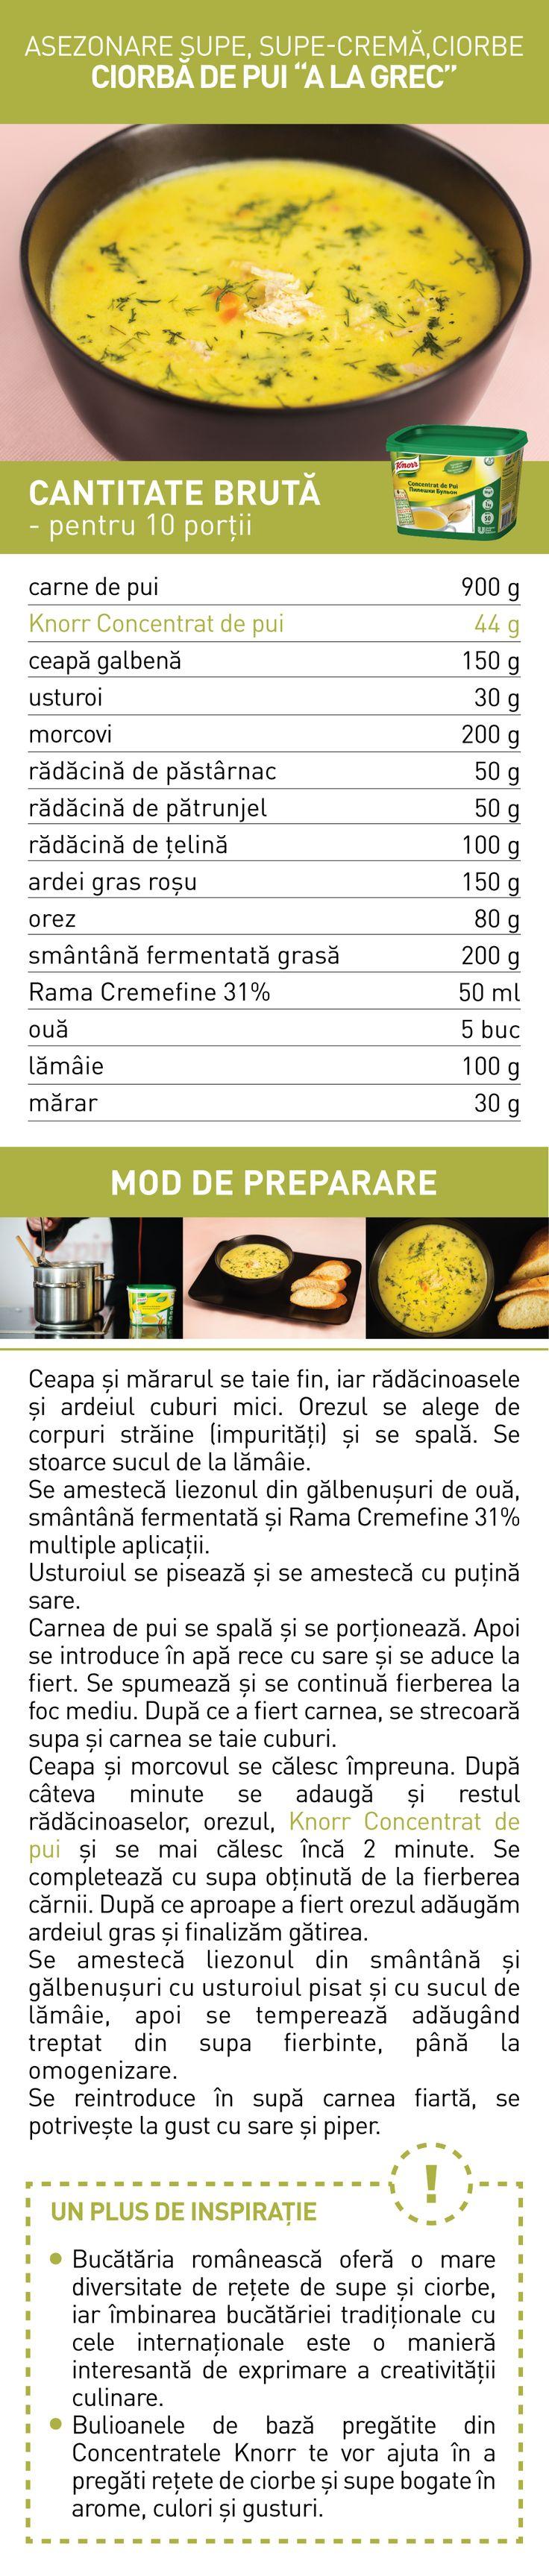 Asezonare supe, supe-crema, ciorbe (IV) - RETETE